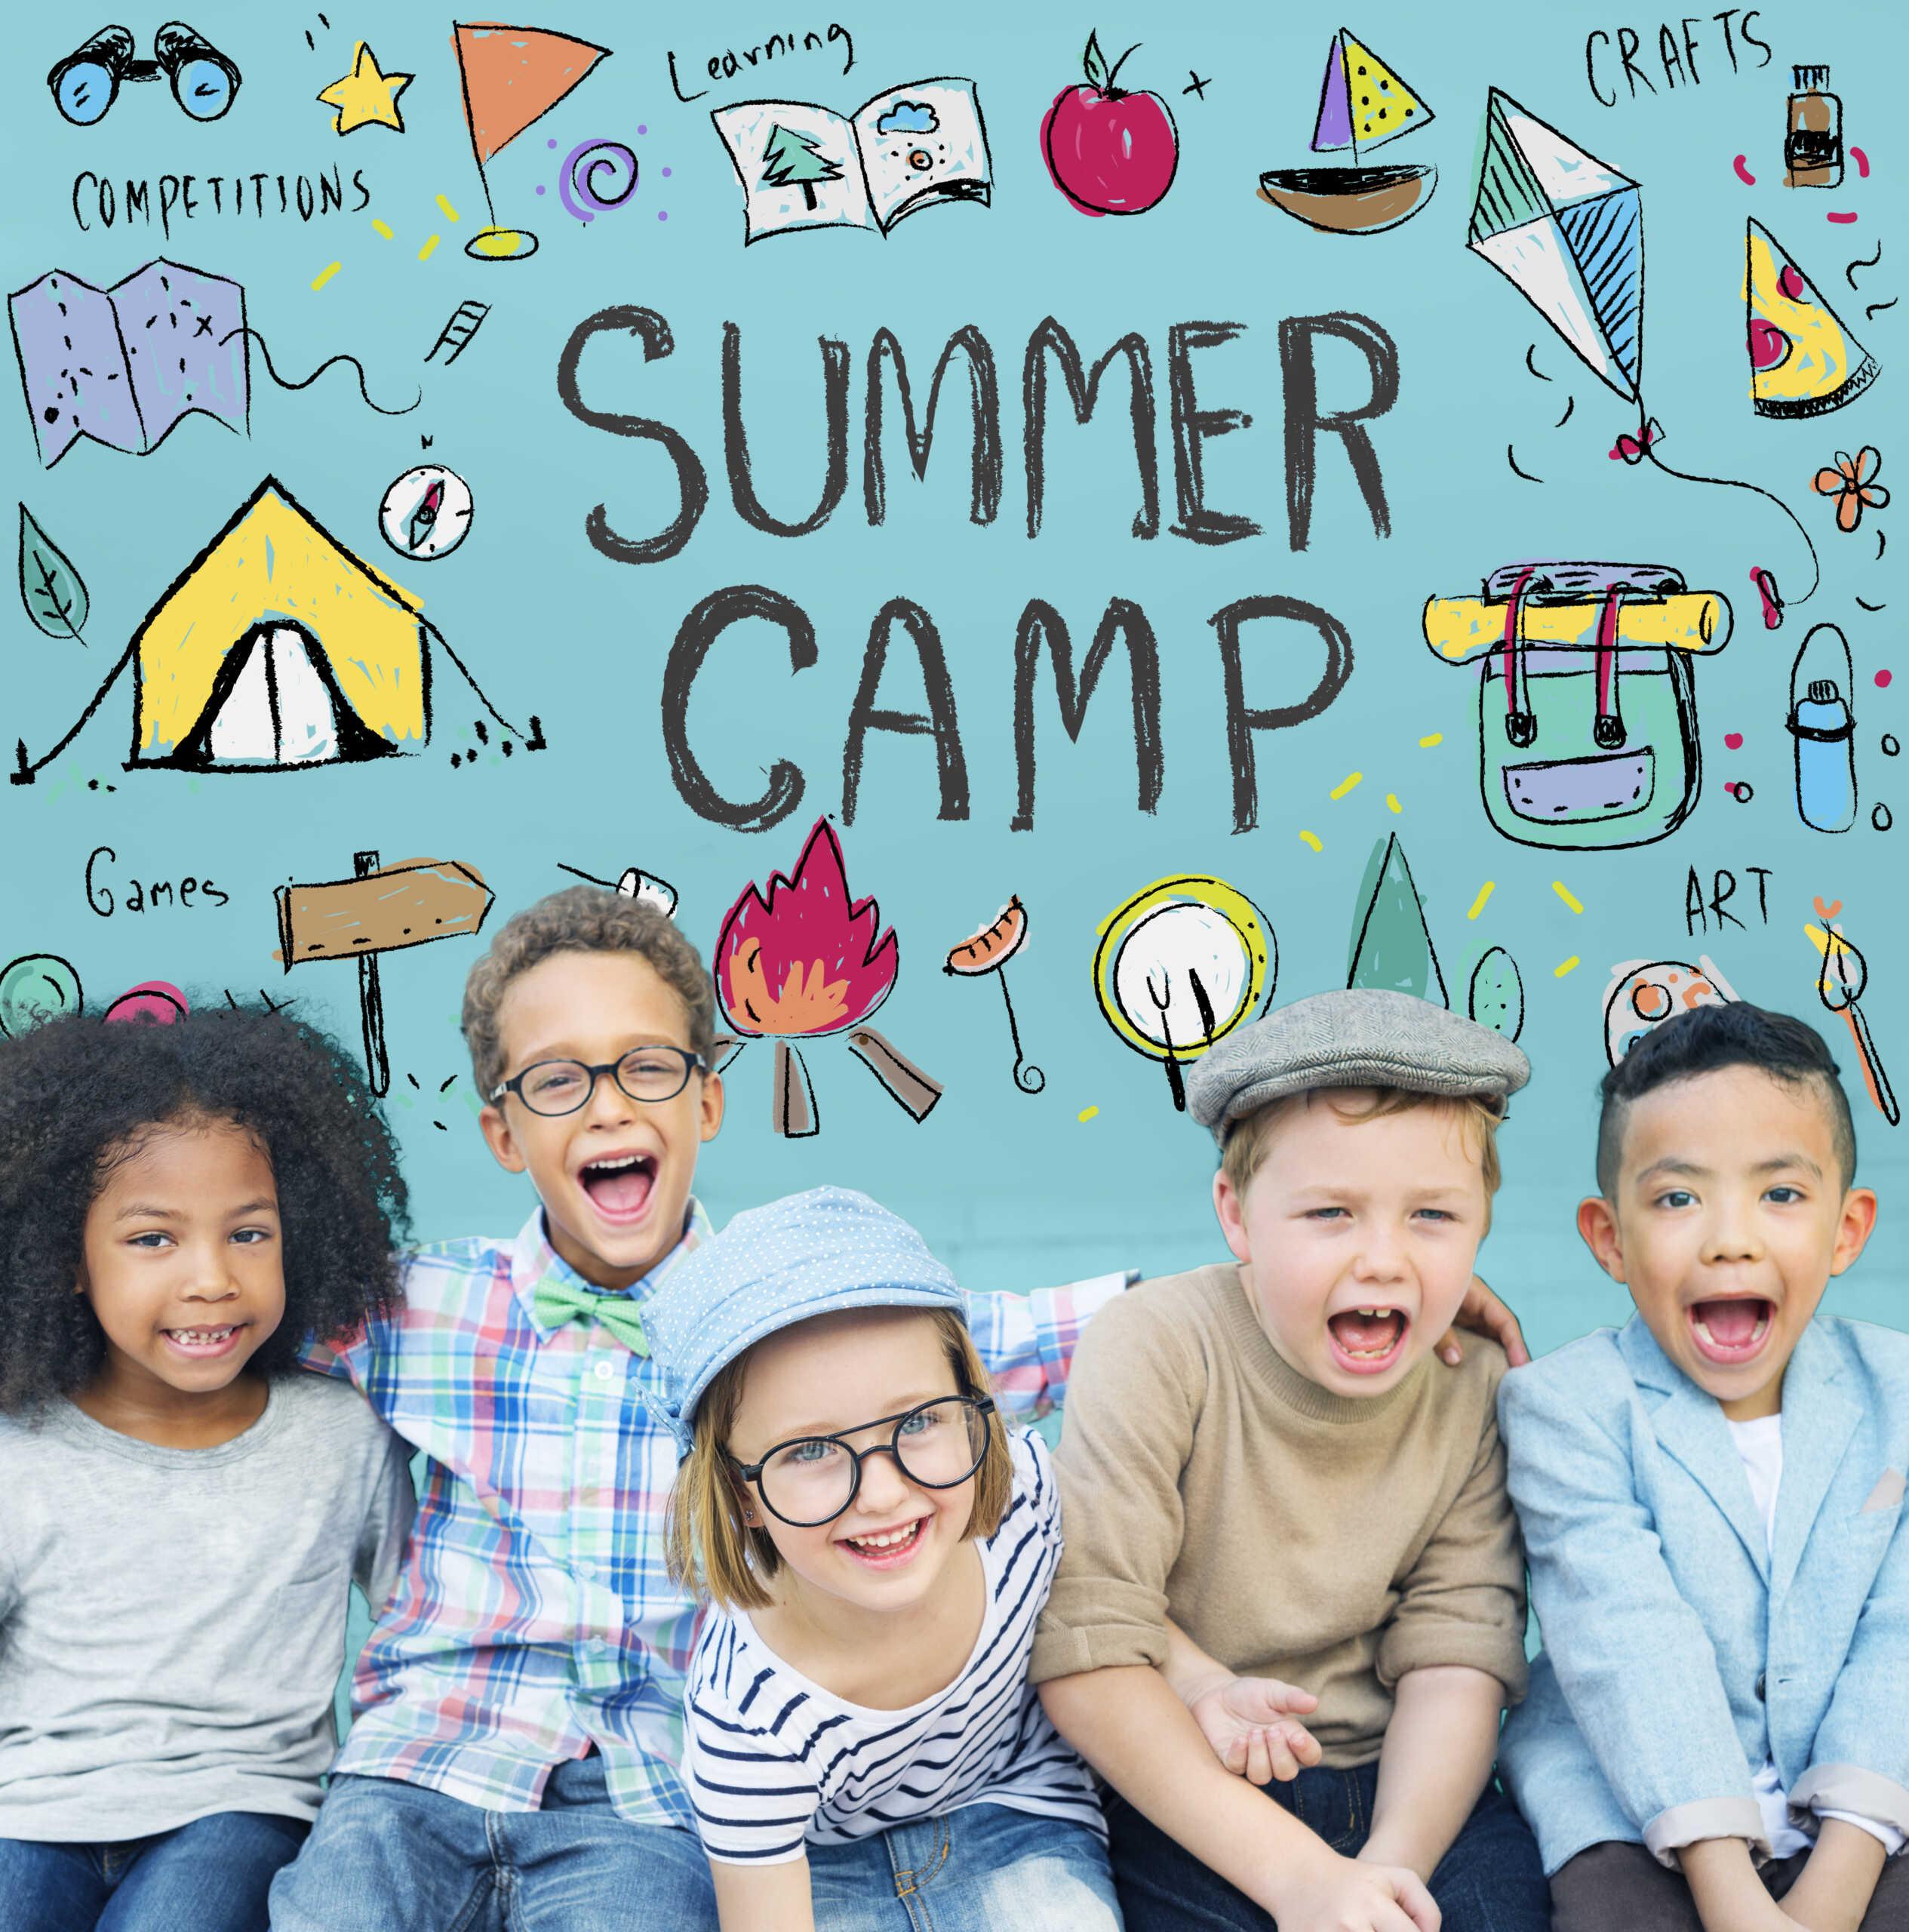 Brecksville summer camp kids